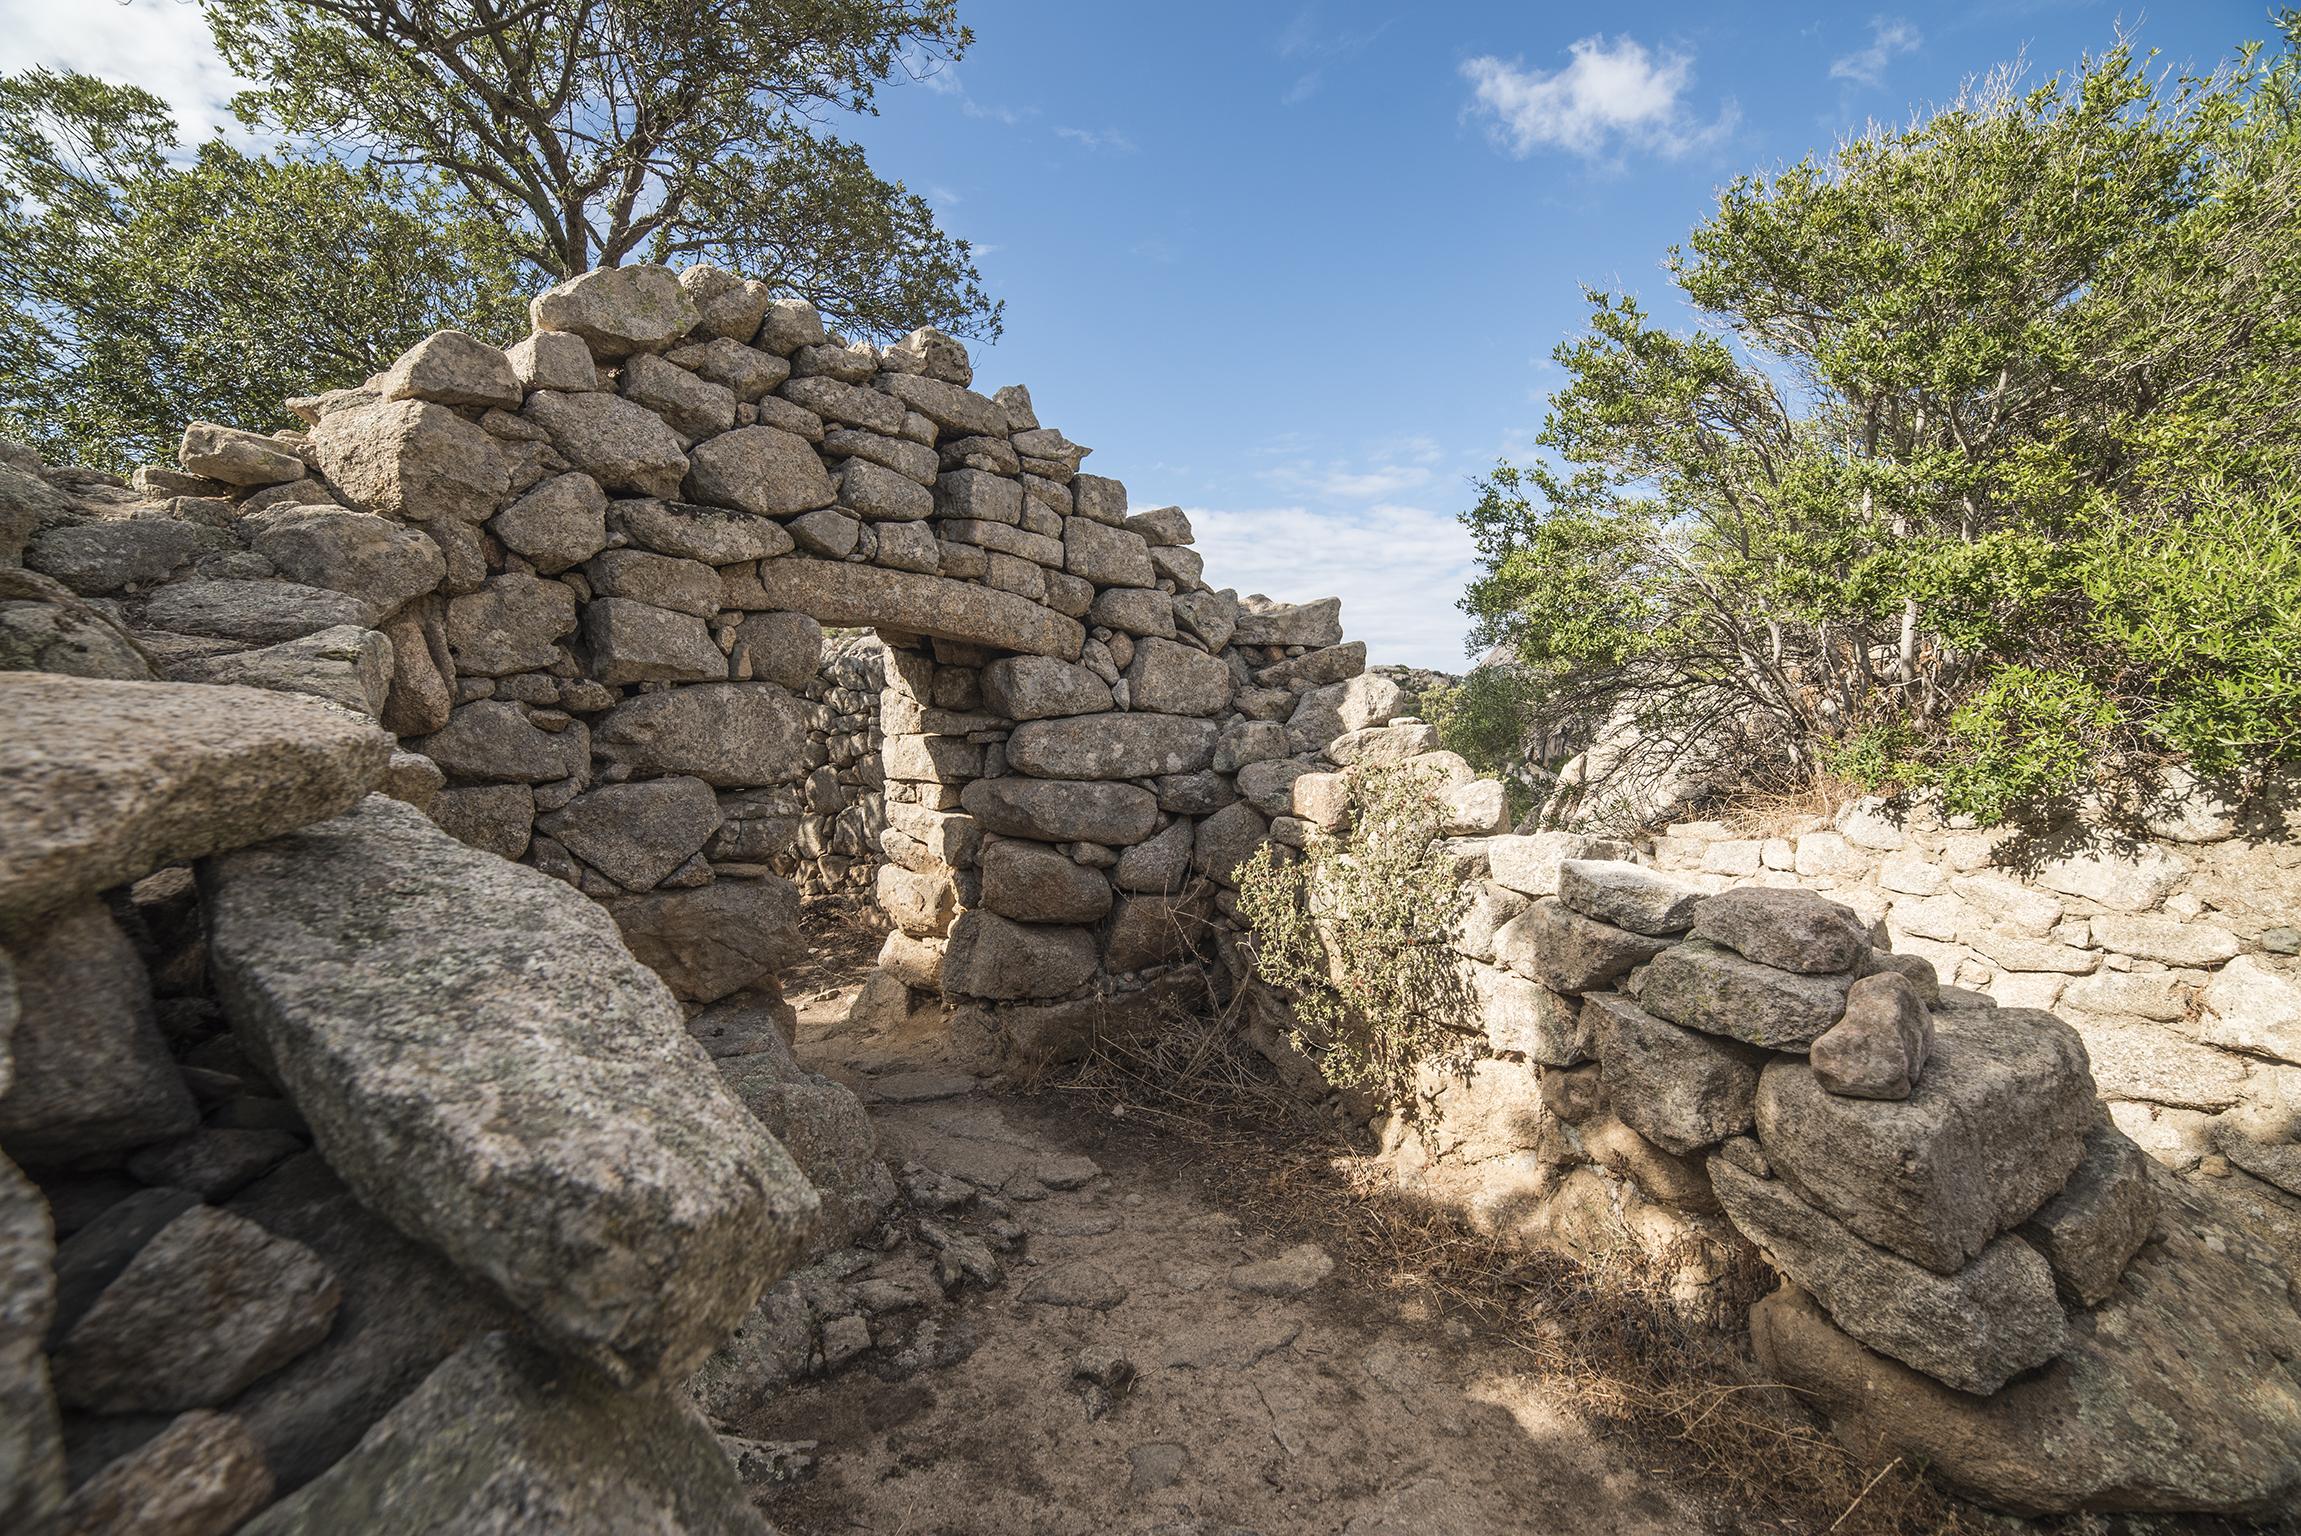 Tempietto di Malchittu - Parco archeologico di Arzachena